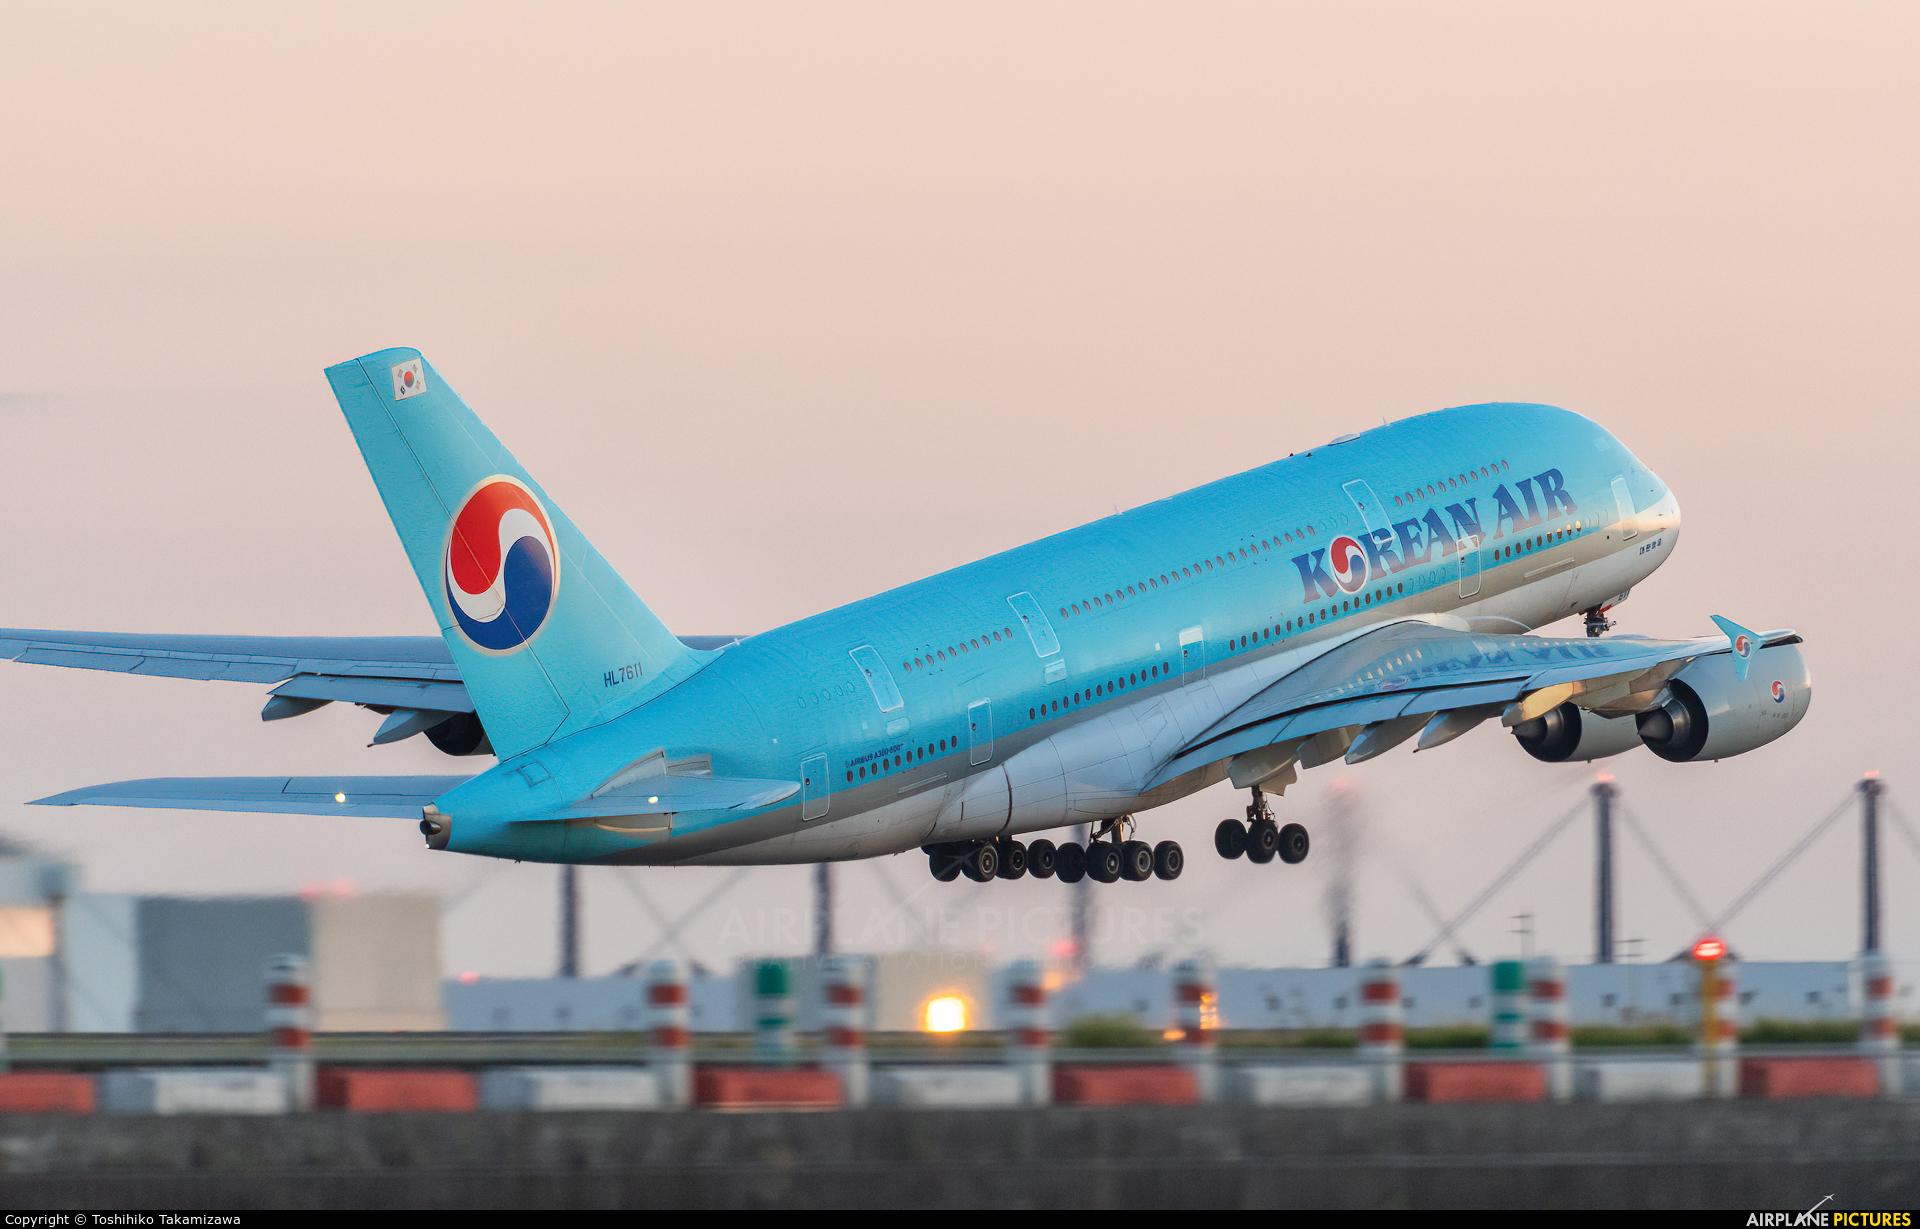 Korean Air HL7611 aircraft at Paris - Charles de Gaulle